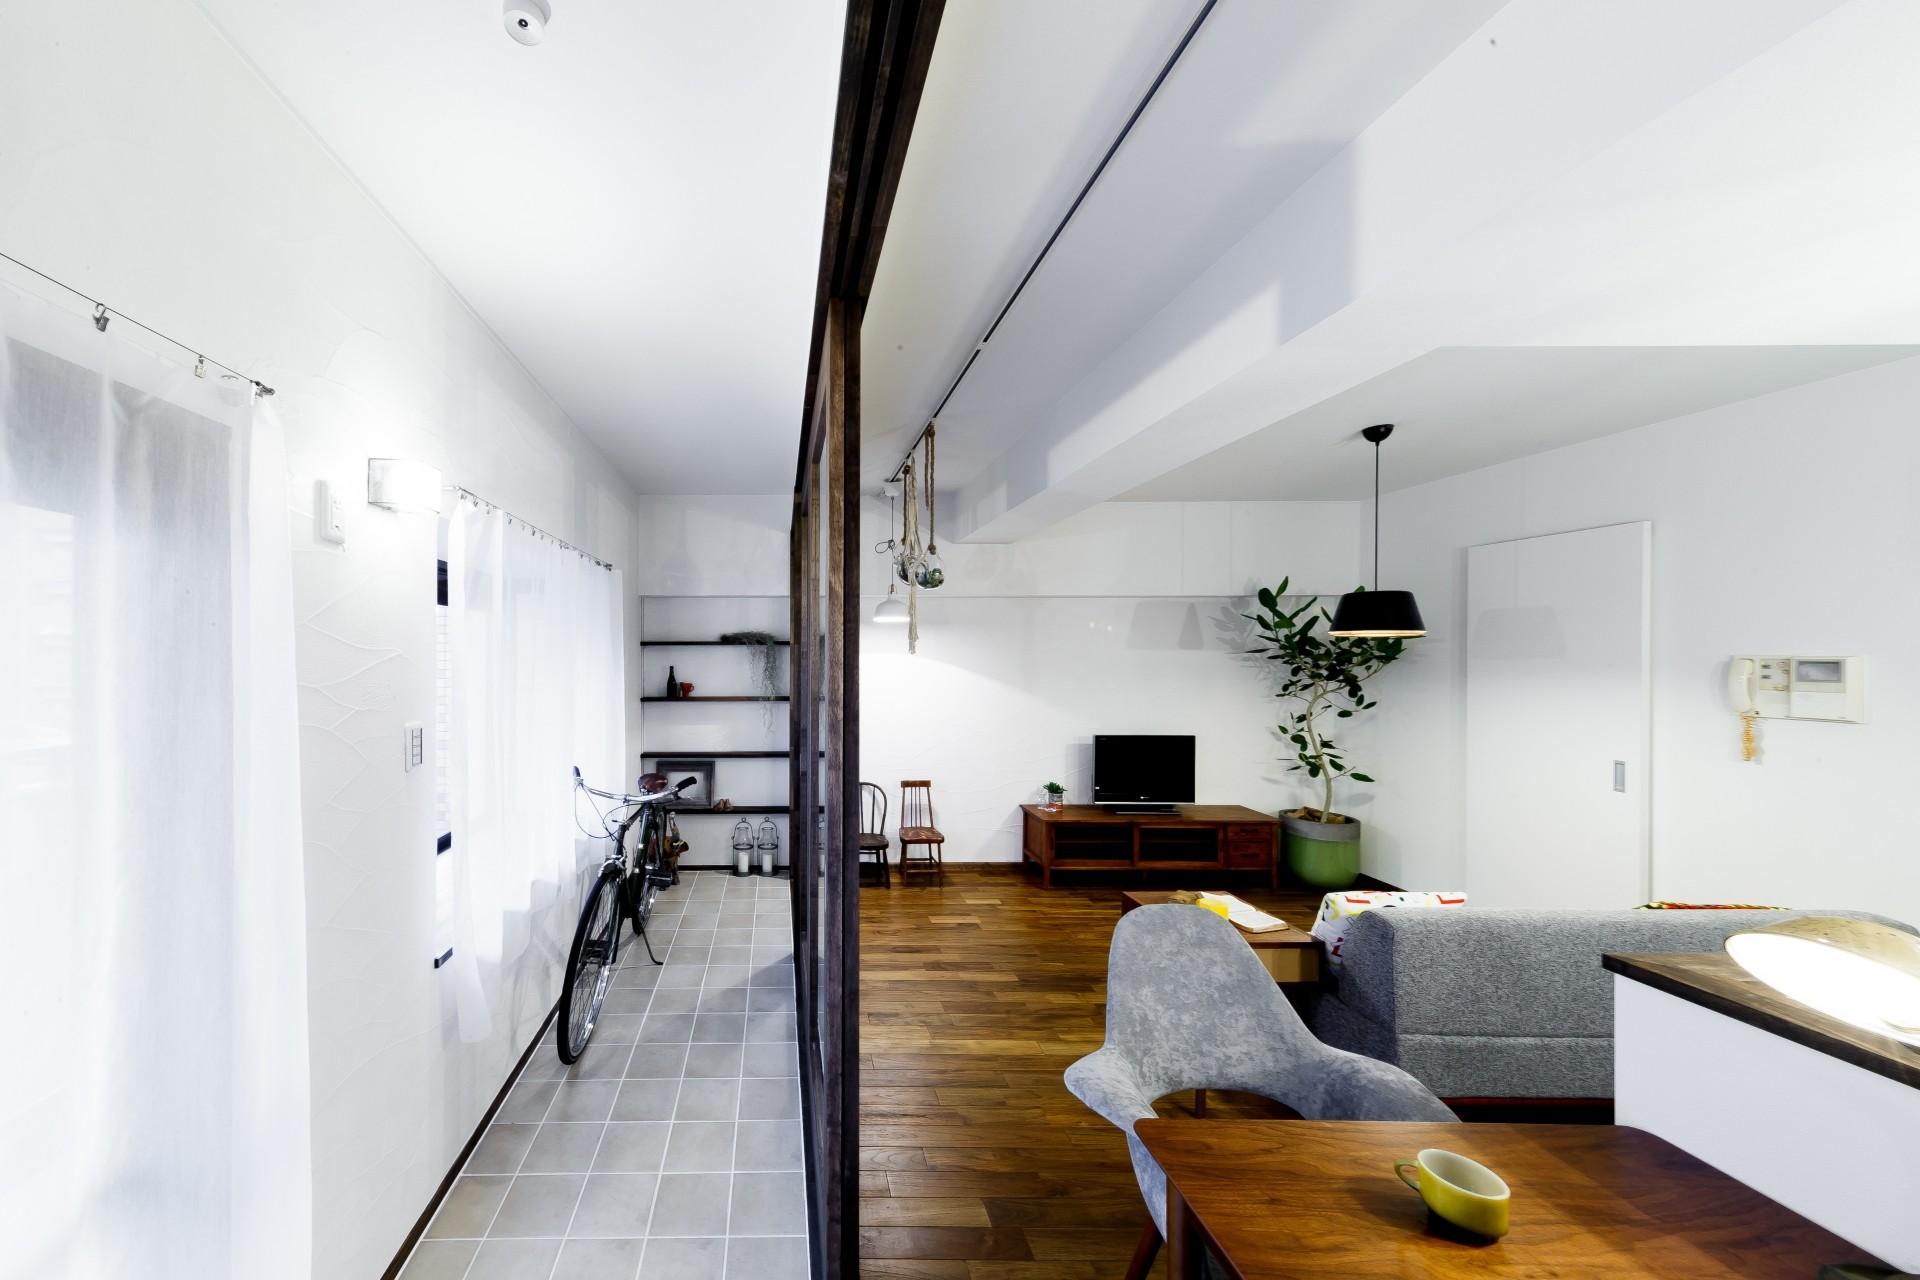 リビングダイニング事例:インナーバルコニーとリビング(インナーバルコニーのある開放的な家)